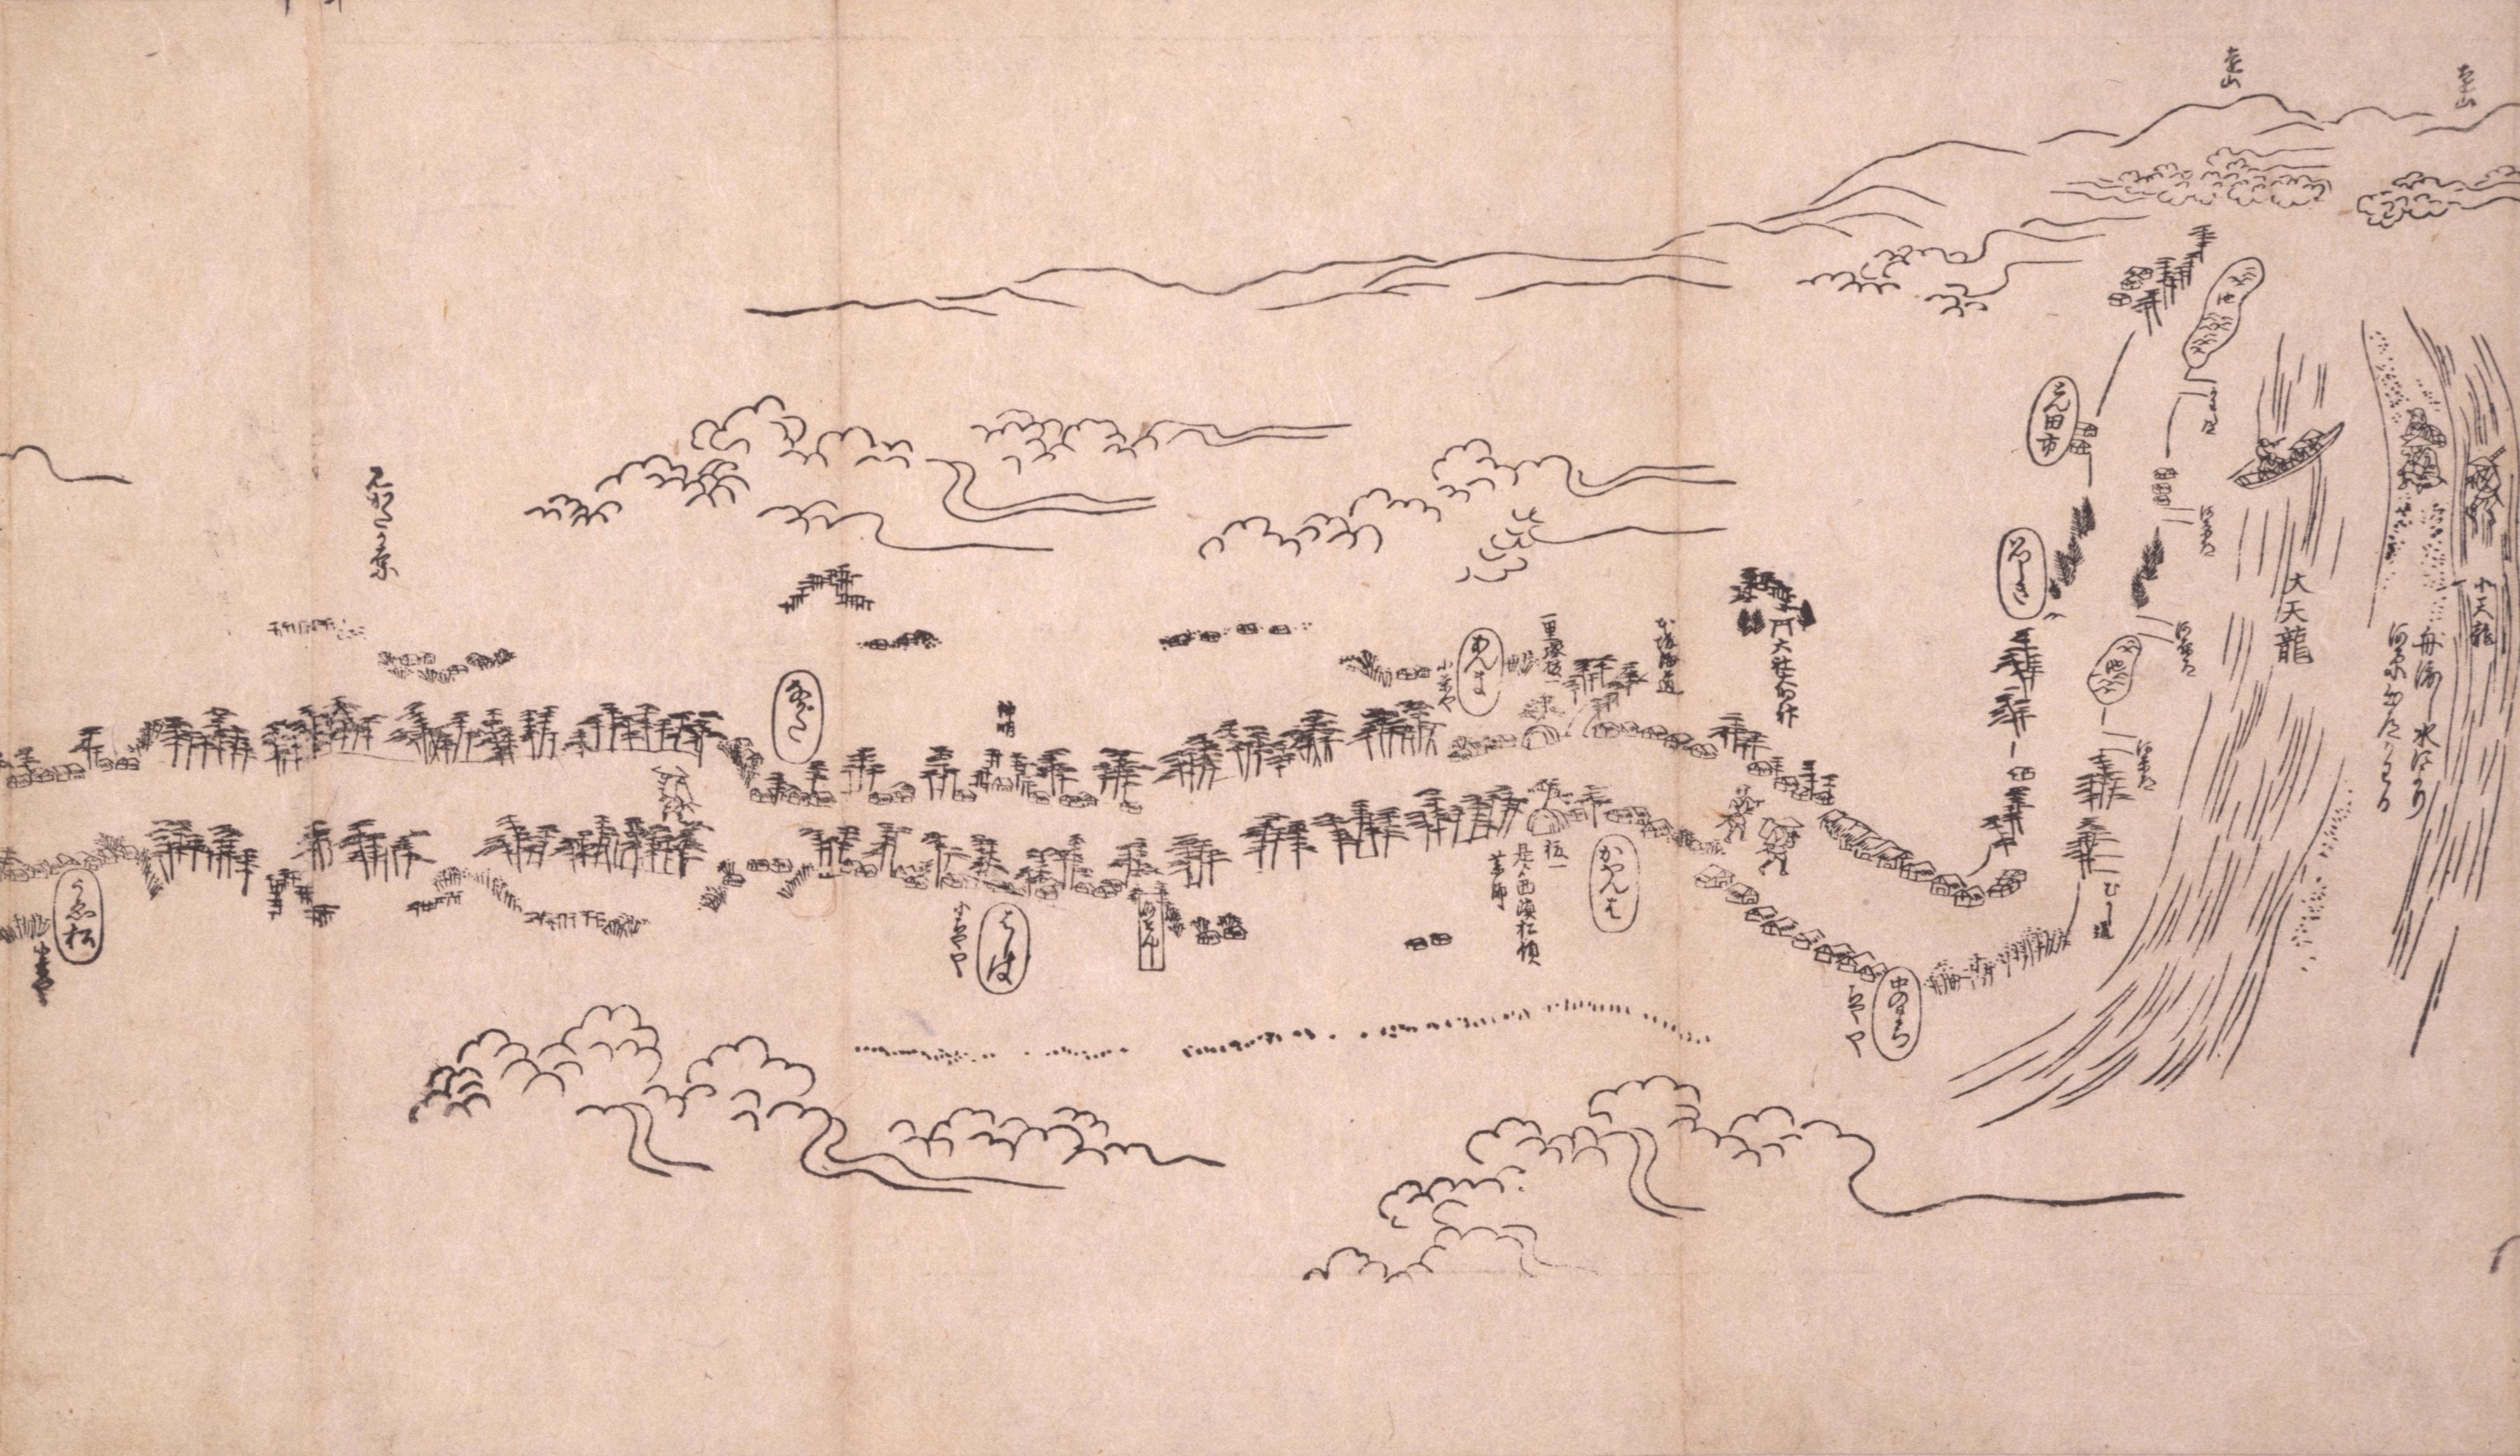 東海道分間之図 四十二